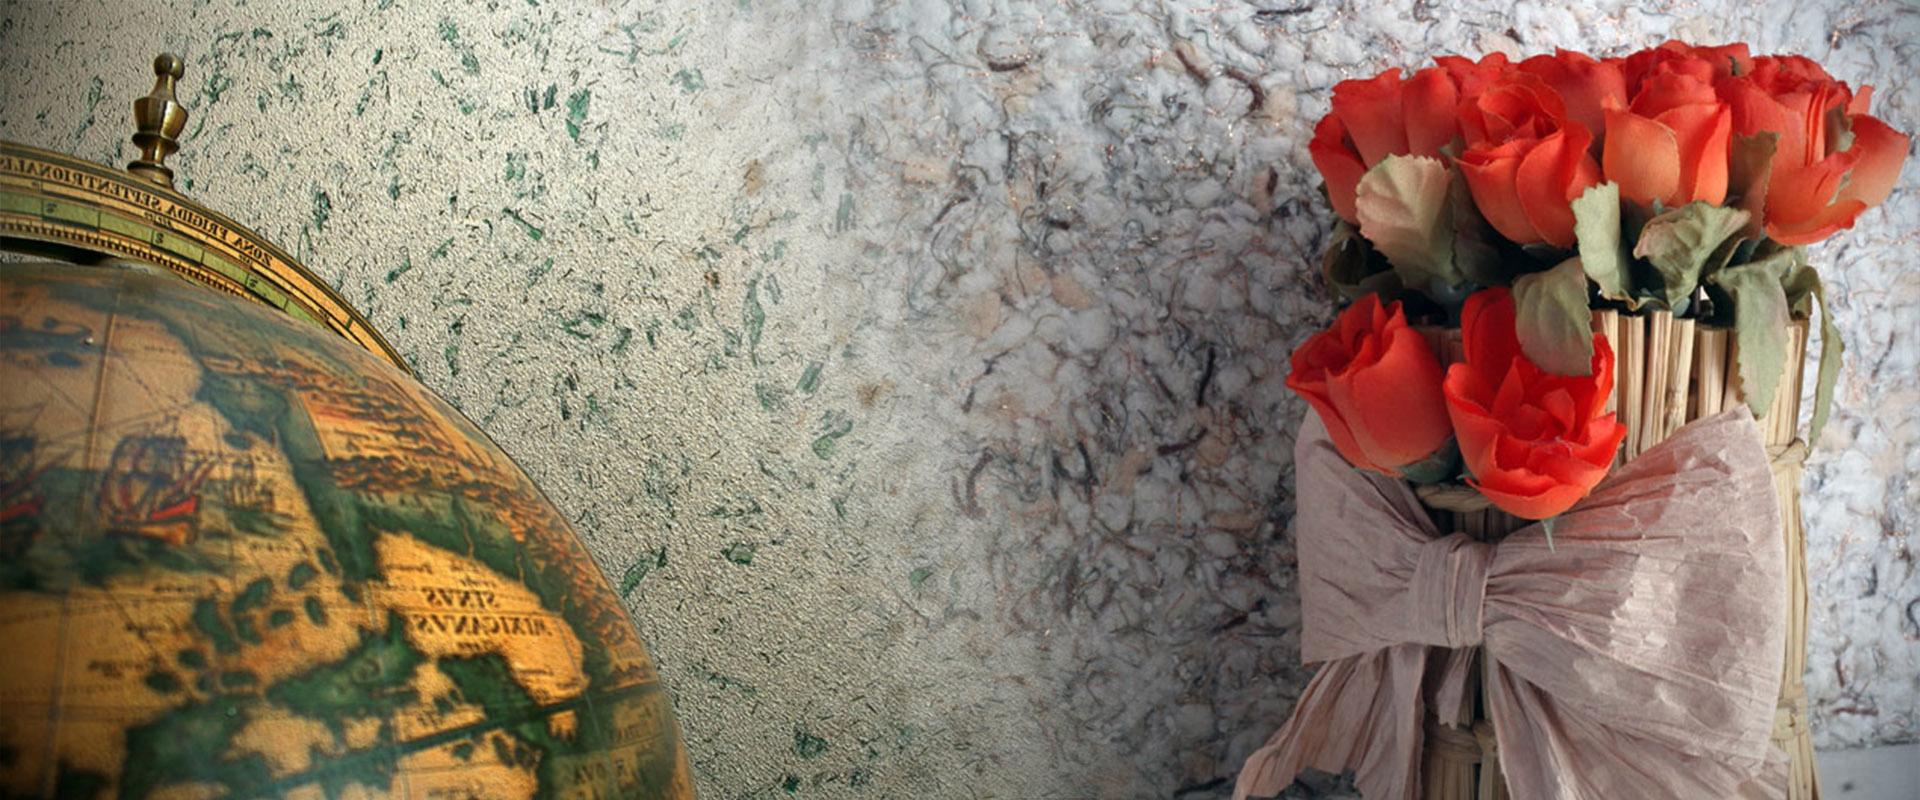 Tapety Bawelniane Plynne Tapety Tynk Japonski Oriental Coat